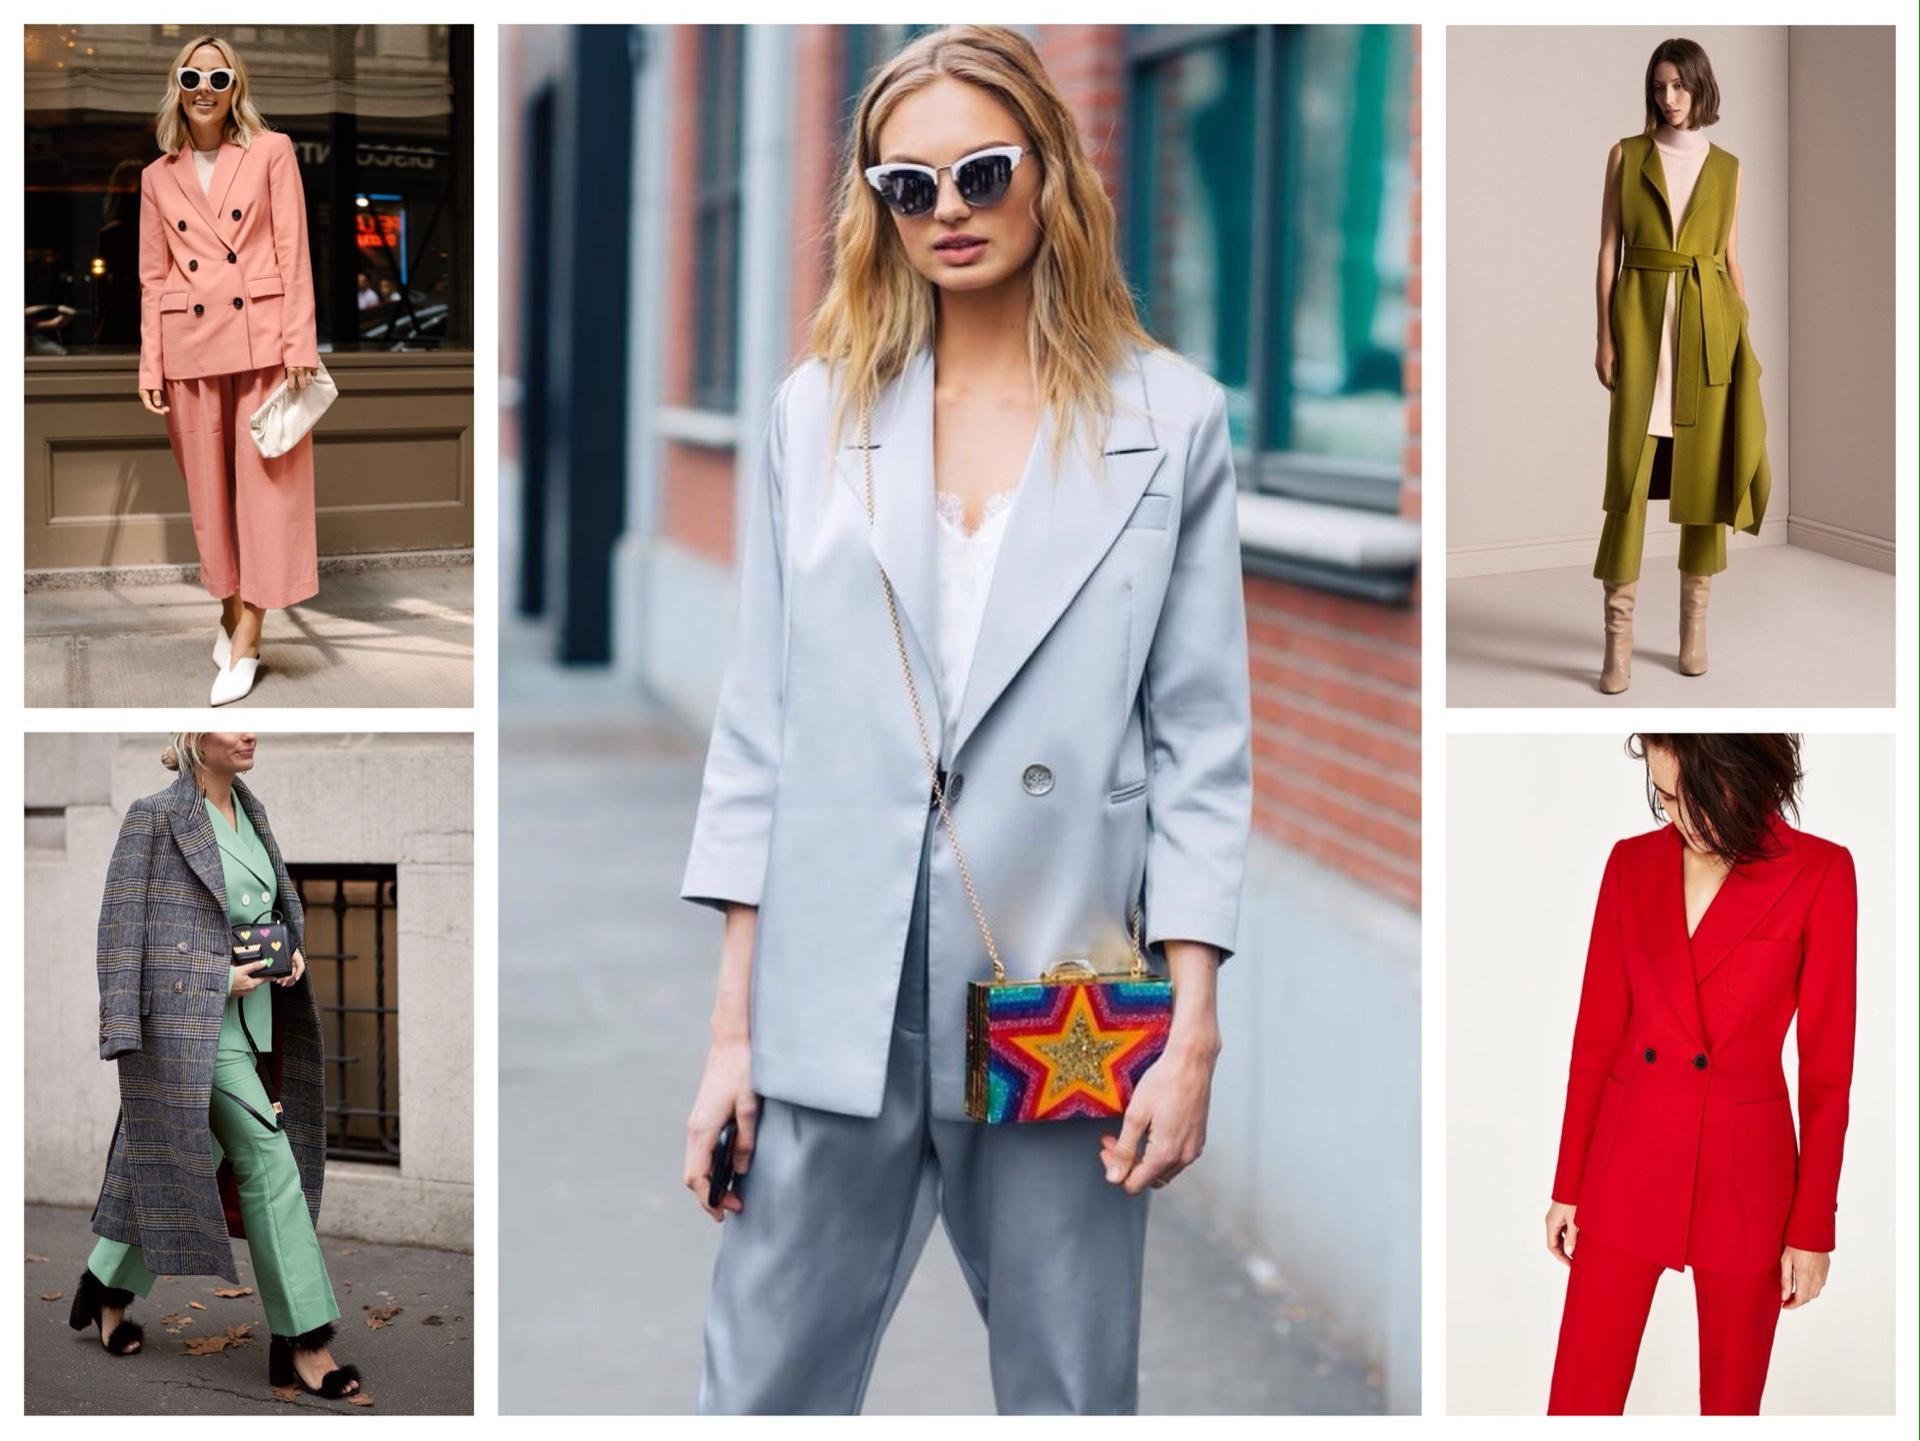 714778e8f33 Брючный костюм в женском гардеробе - многообразие сочетаний